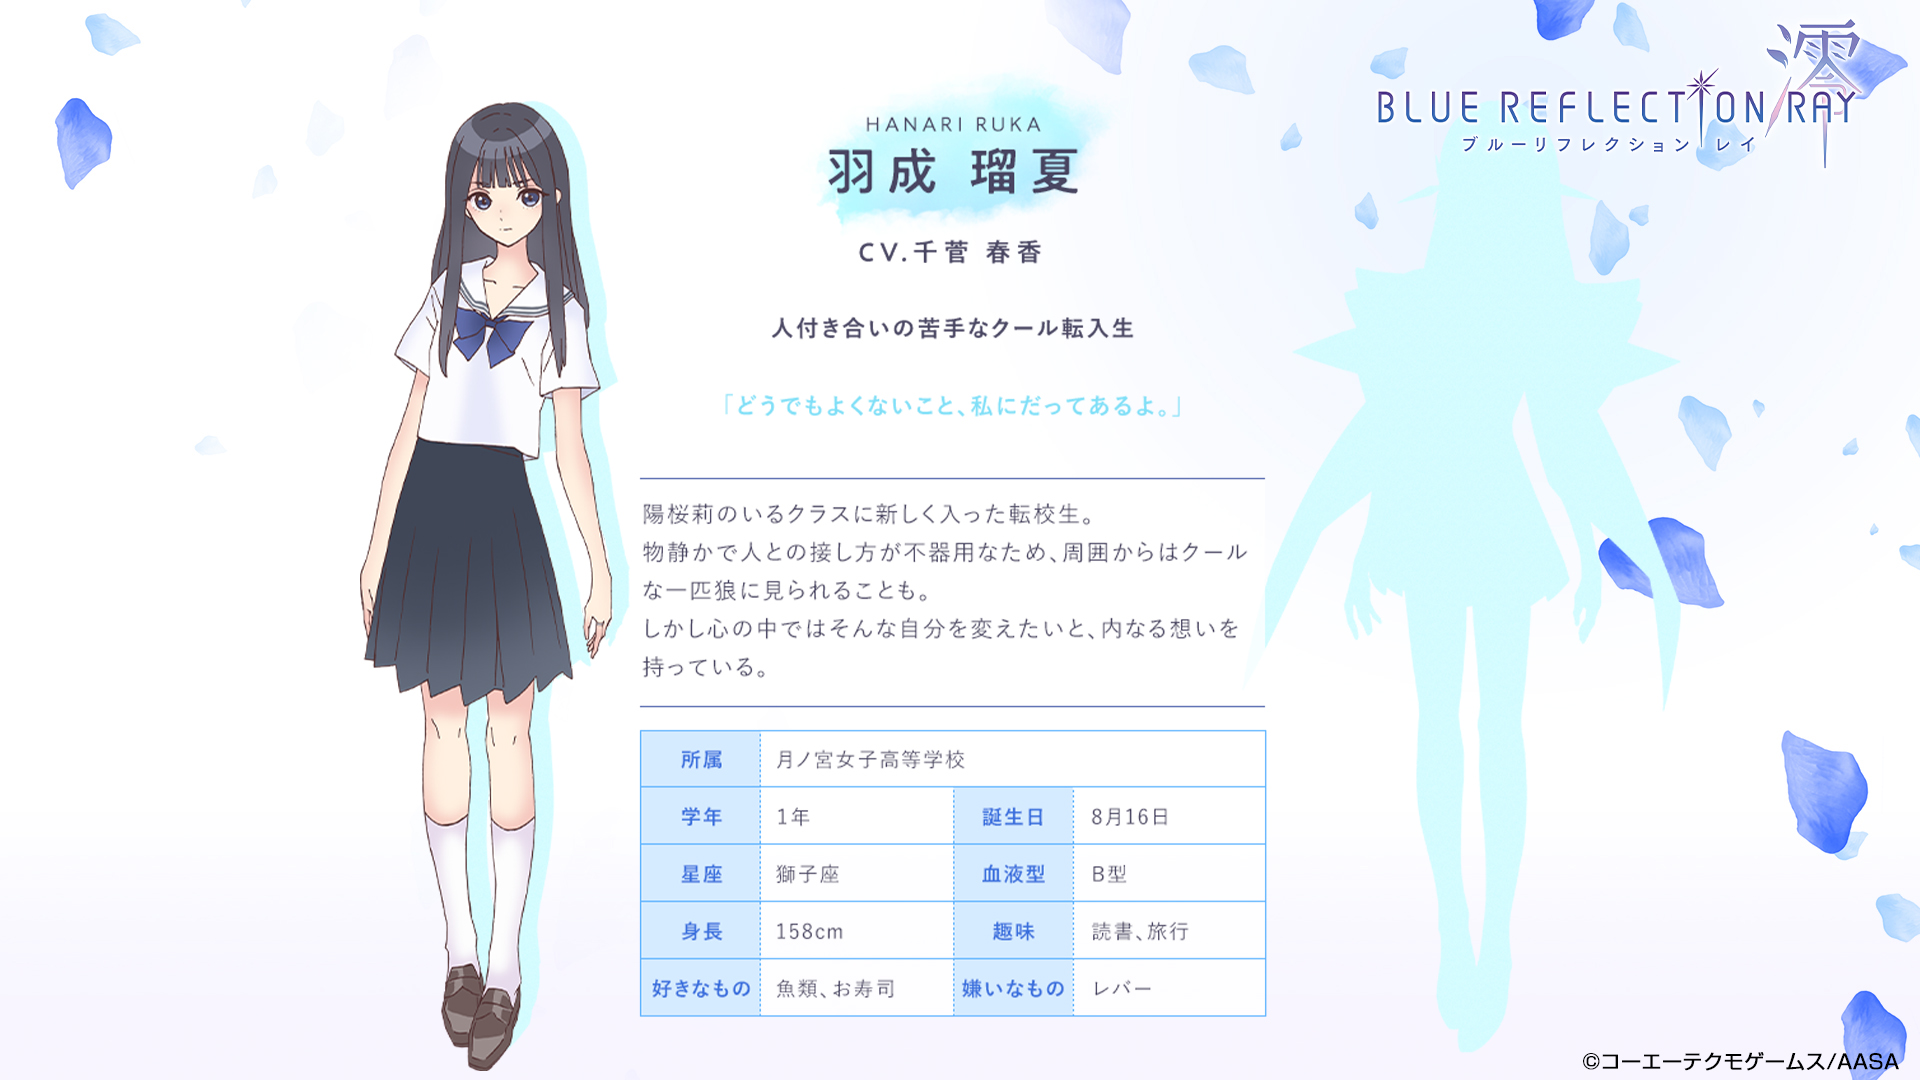 Un escenario de personajes de Ruka Hanari, una chica de secundaria con cabello largo y oscuro que está vestida con su uniforme escolar, del próximo anime de BLUE REFLECTION RAY / Mio TV.